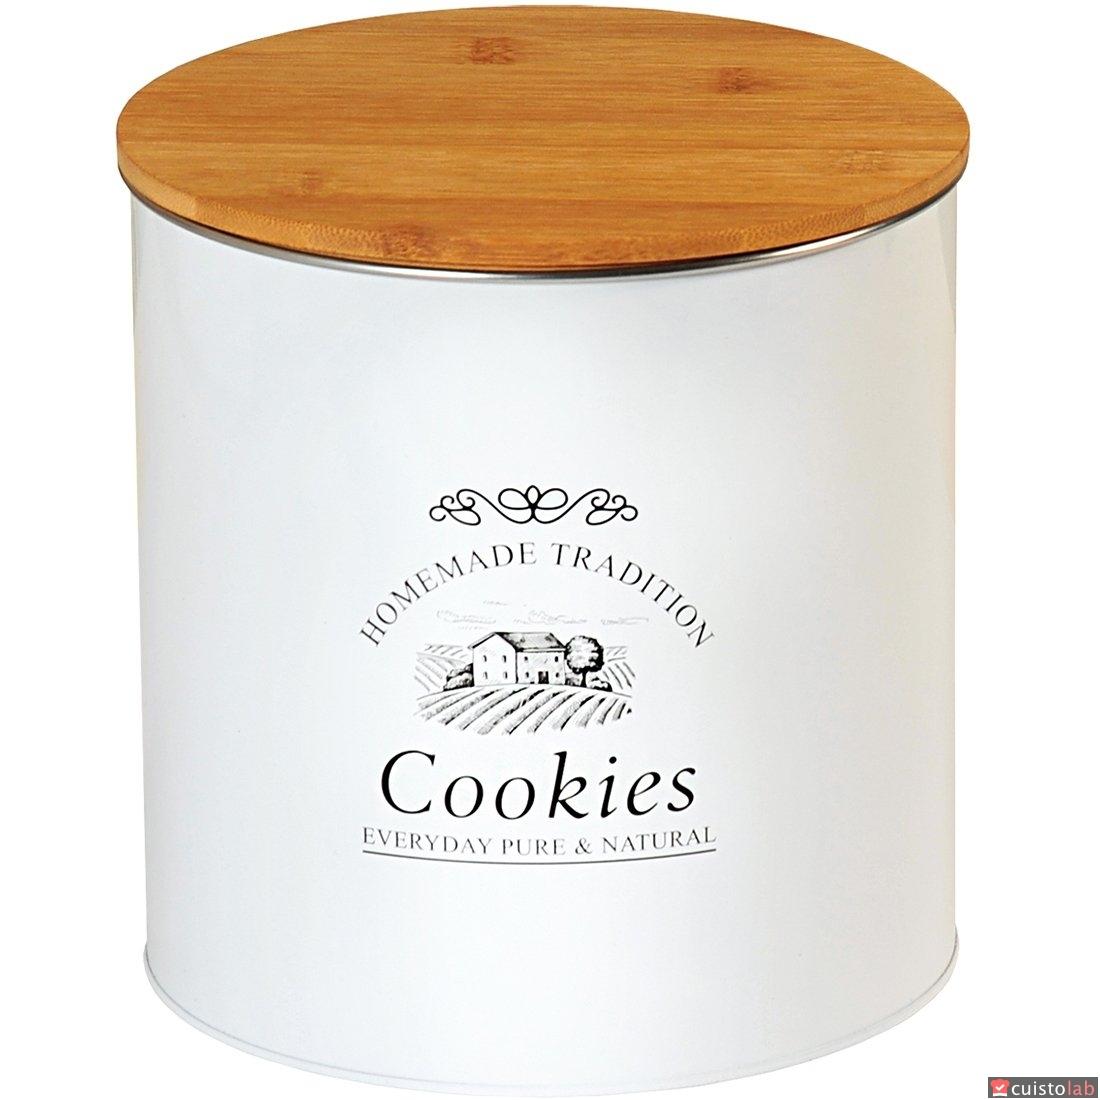 Comment Bien Conserver Ses Biscuits Maison